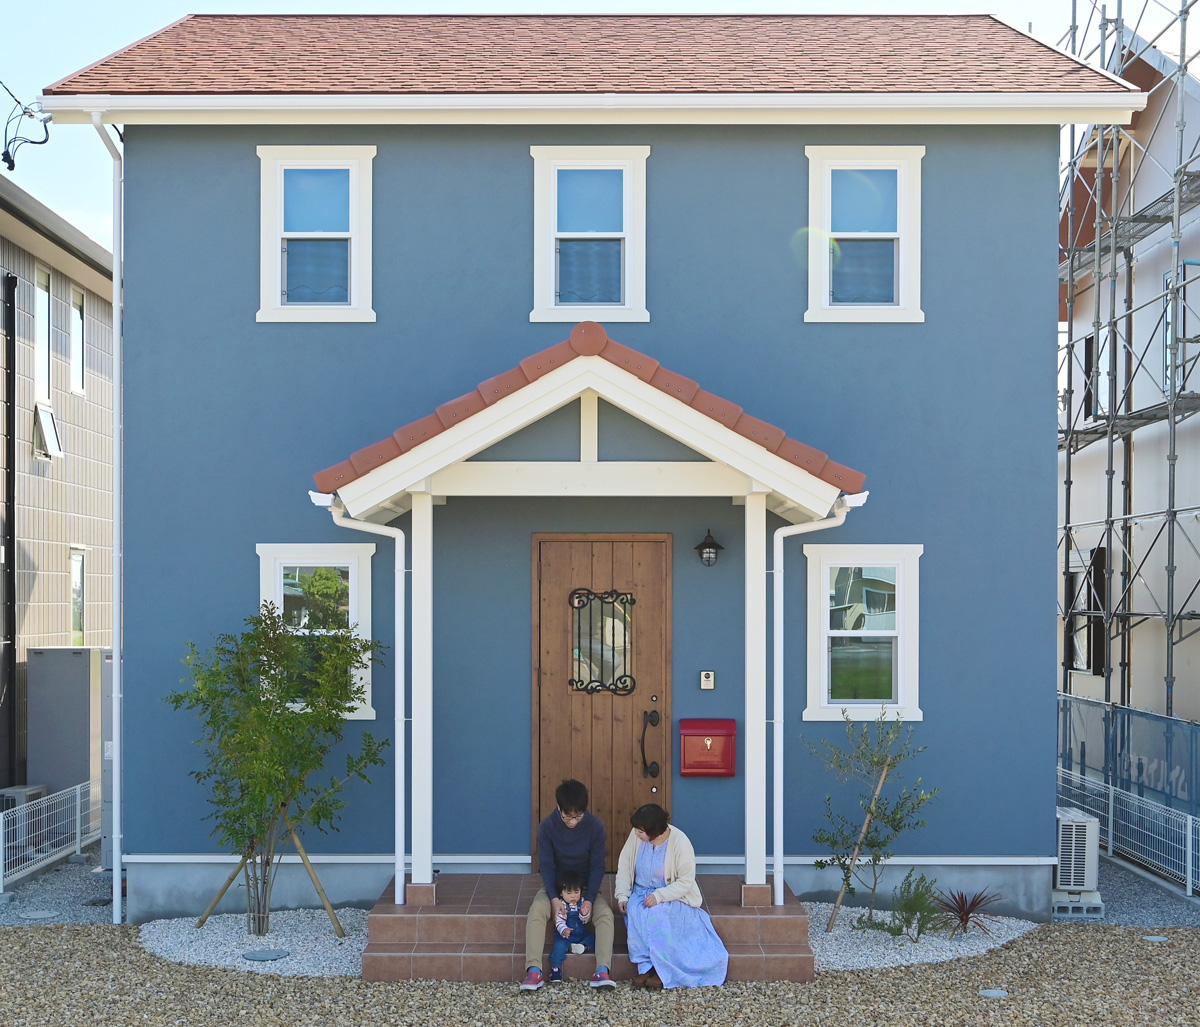 ブルーの塗り壁がおしゃれな北欧テイスト溢れるママンのお家